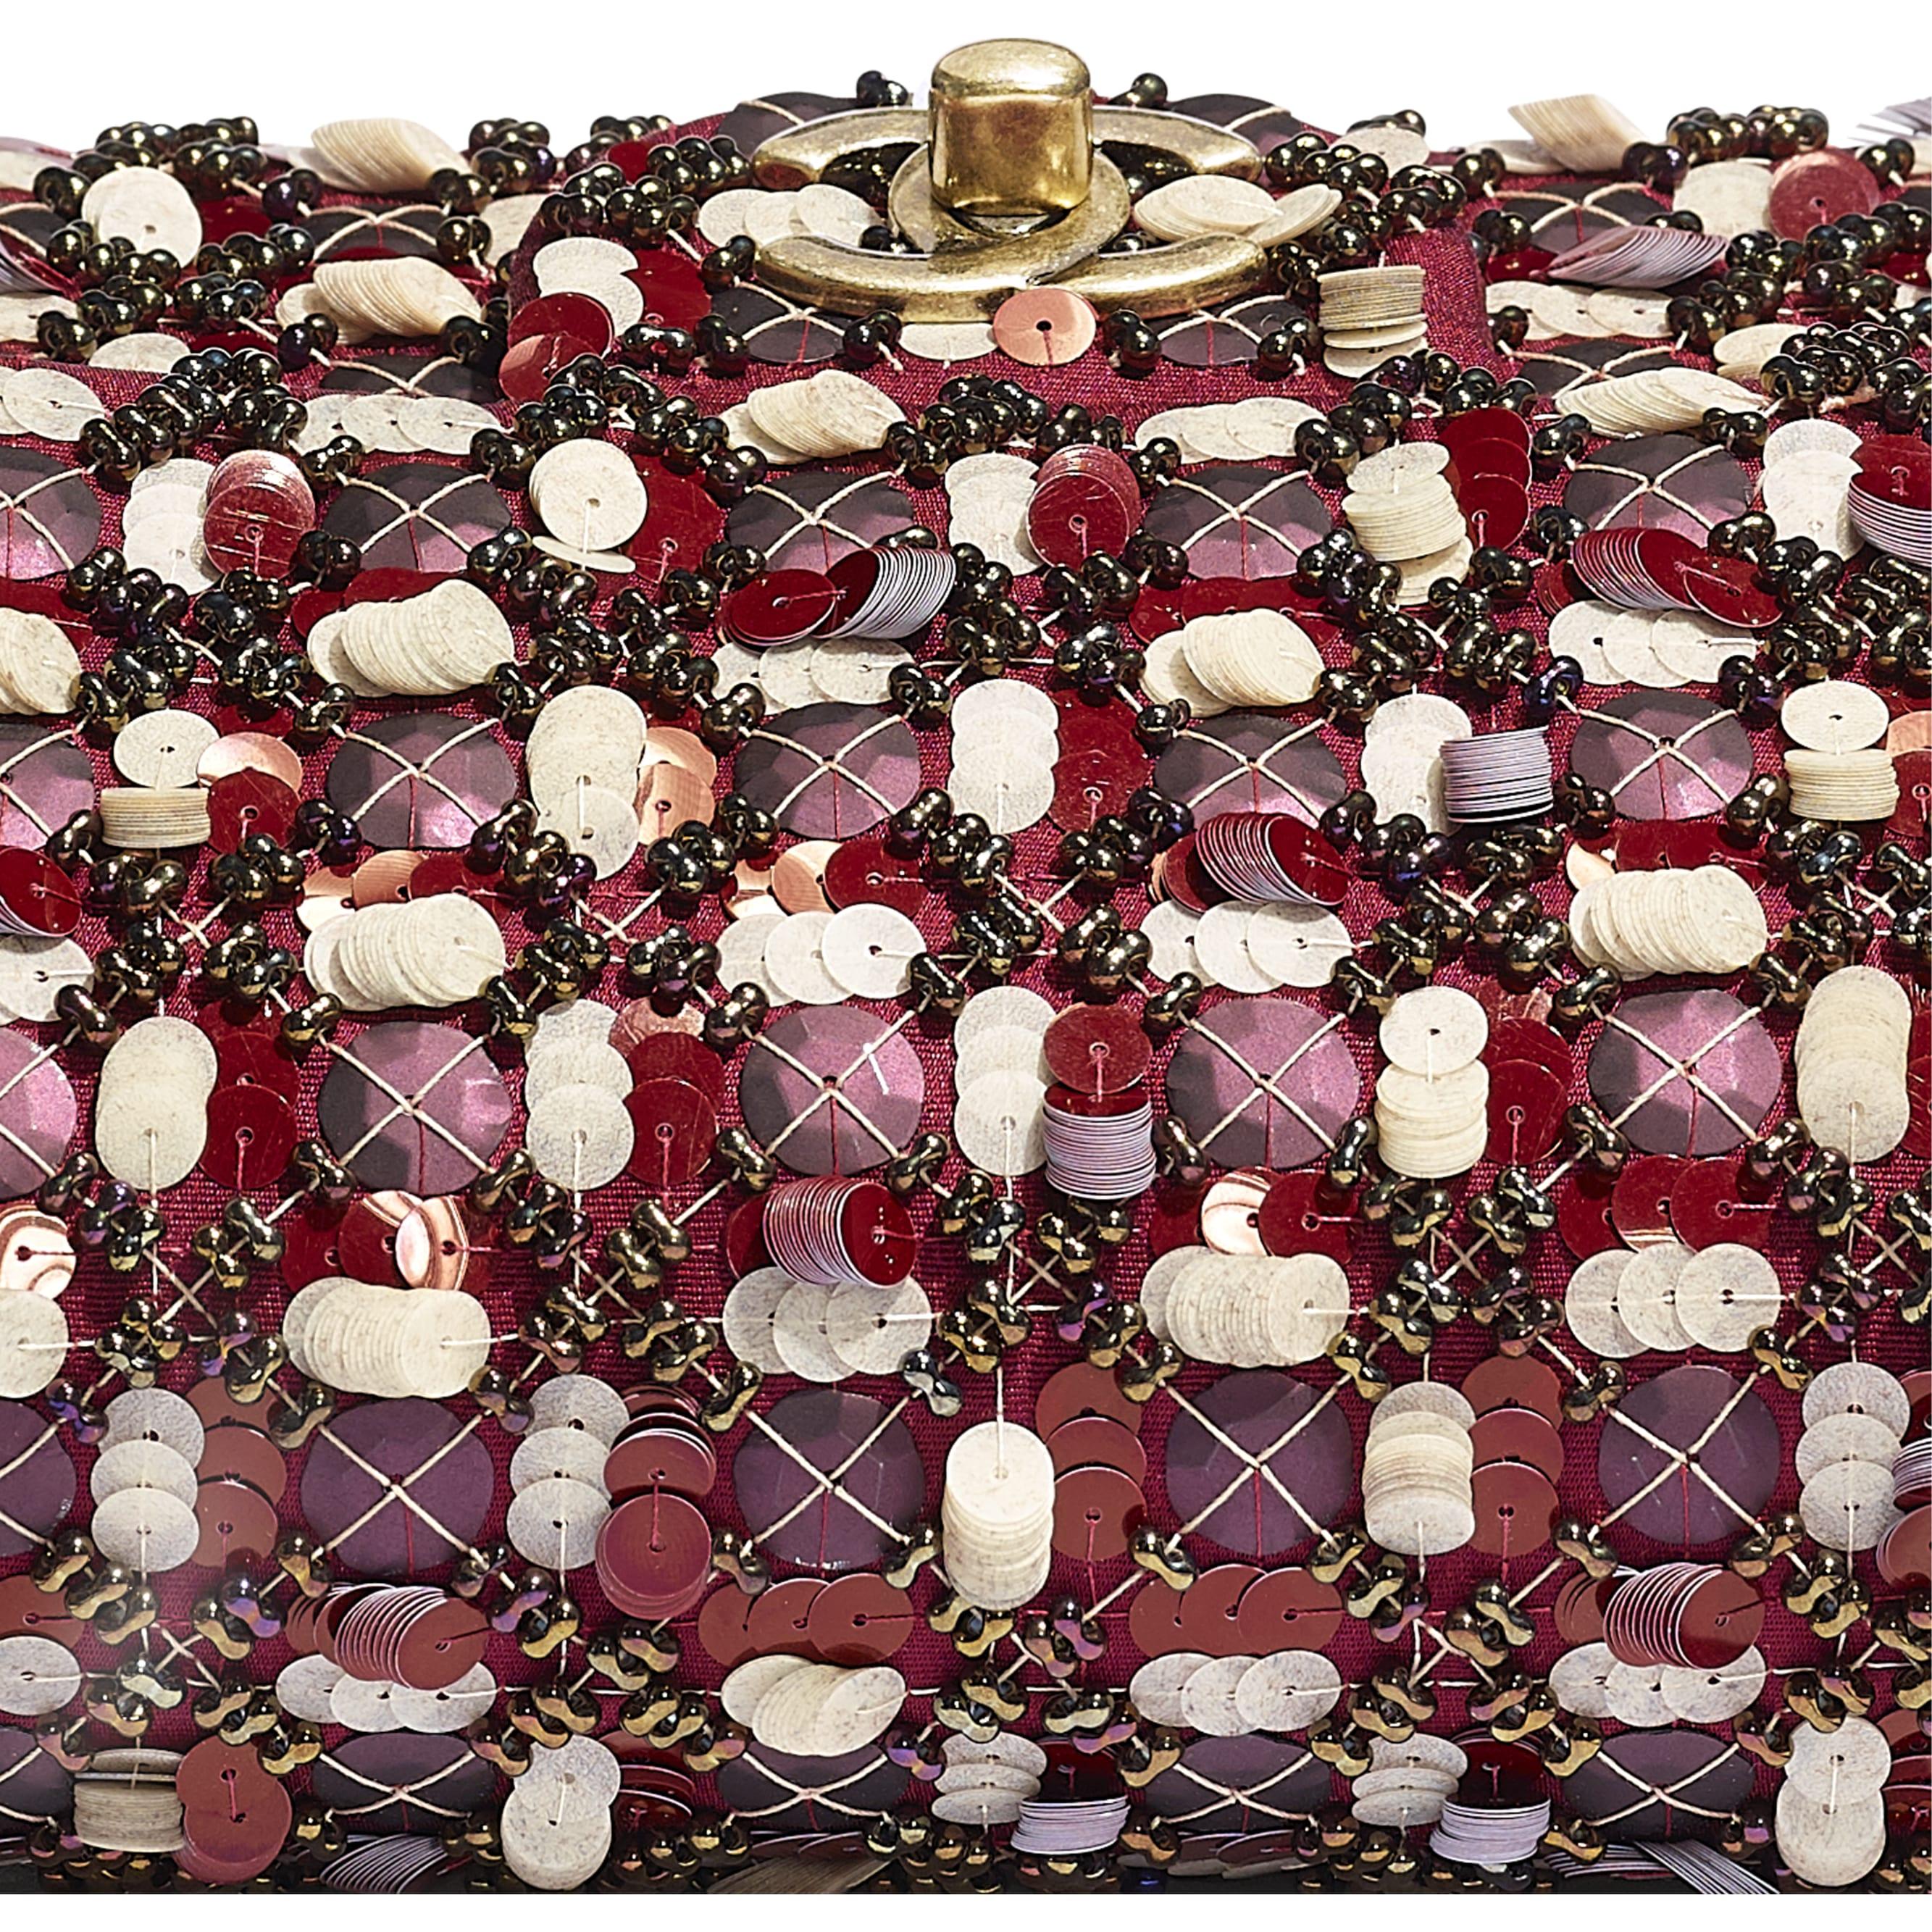 Torebka z klapką wersja mini - Kolor bordowy, różowy i biały - Satyna, cekiny, szklane perły i metal w tonacji złotej  - CHANEL - Dodatkowy widok – zobacz w standardowym rozmiarze